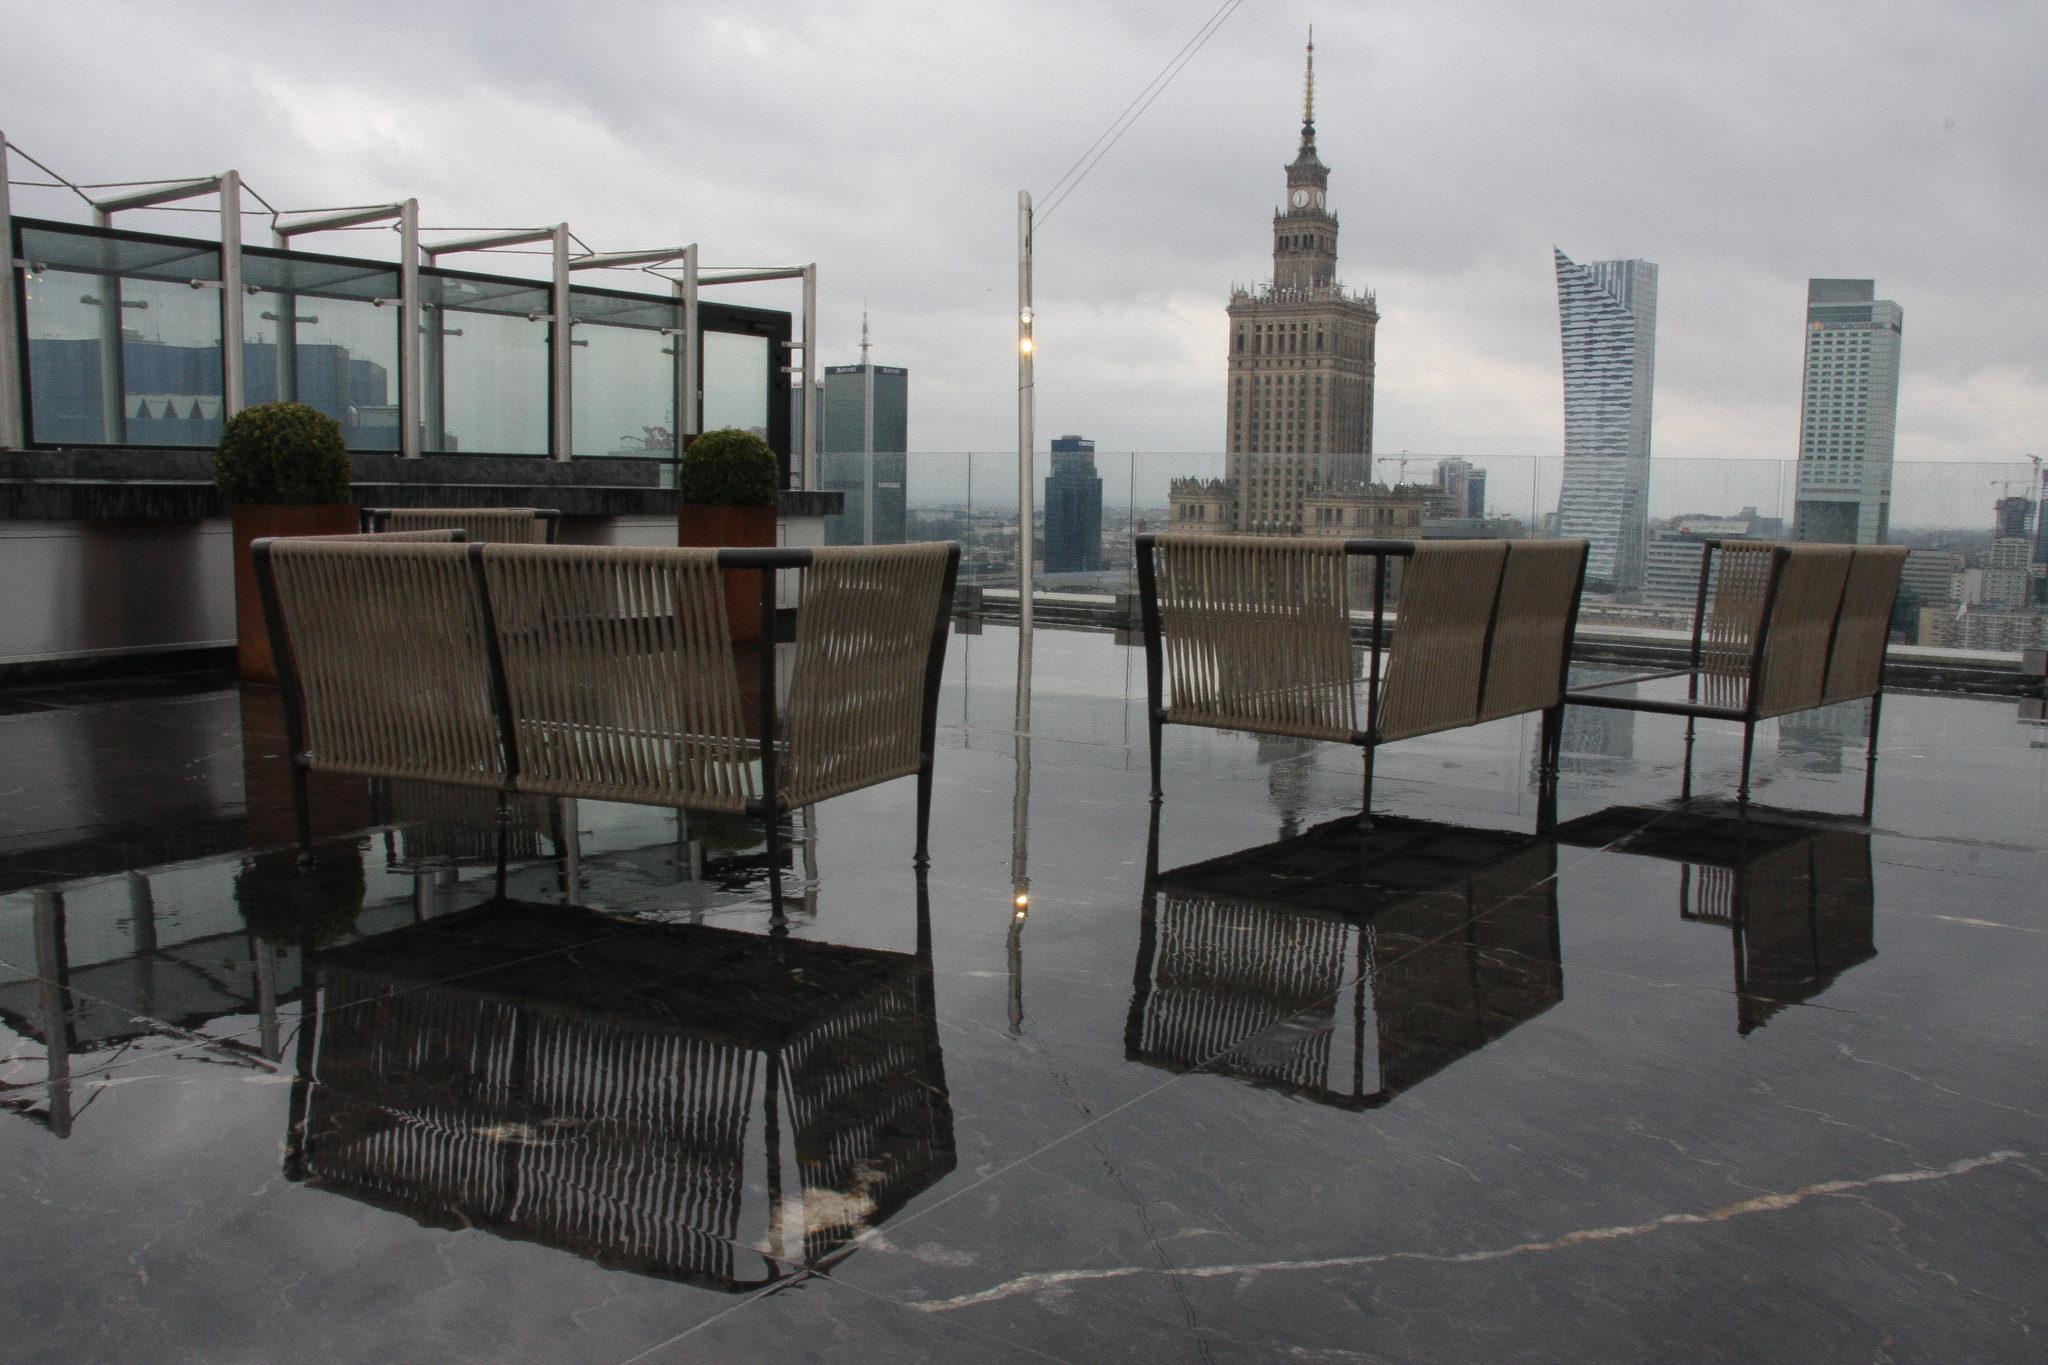 Widok na Pałac Kultury i krzesła stojące na tarasie na dachu